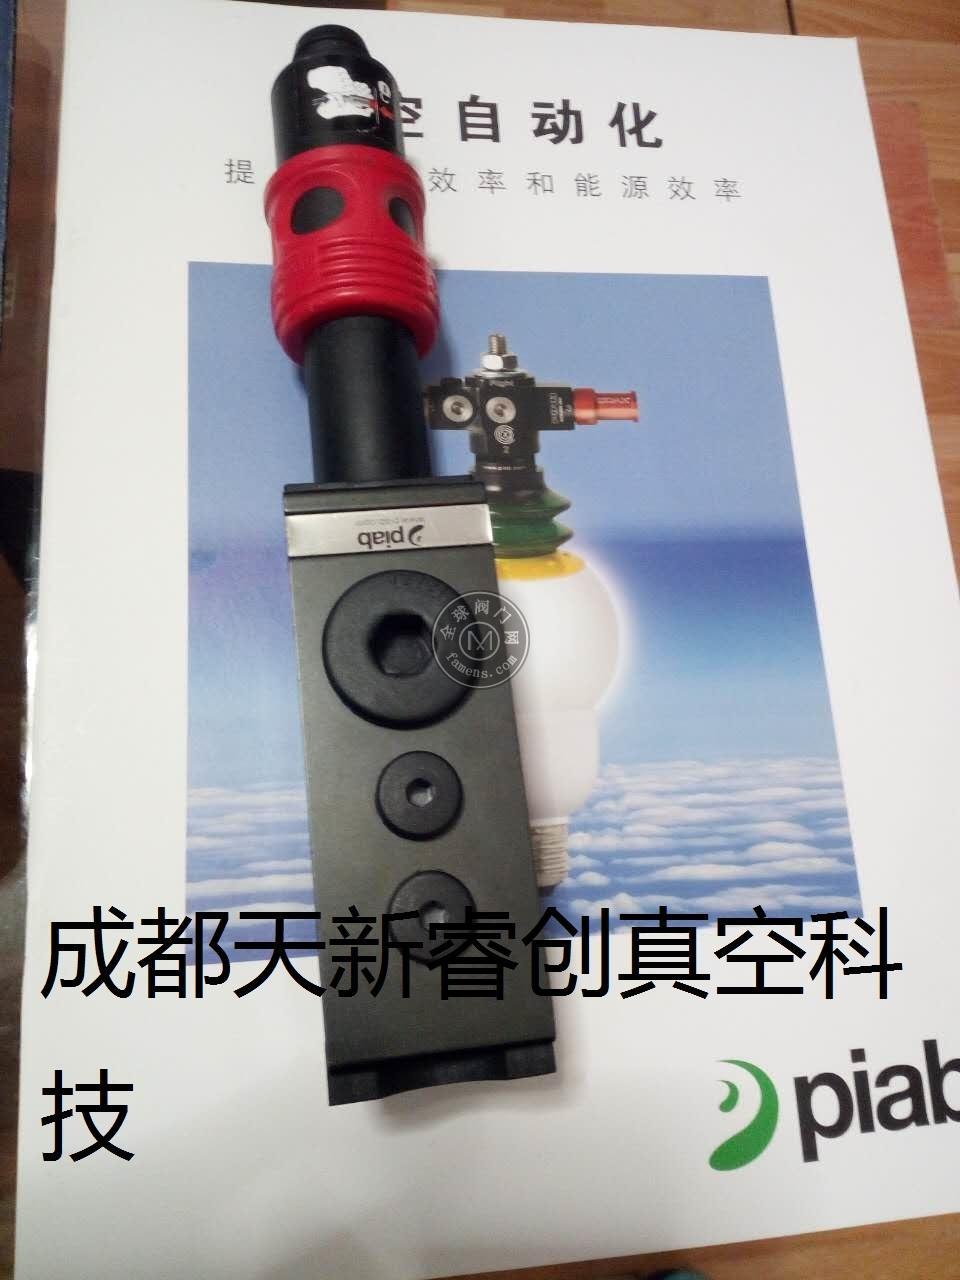 Piab真空发生器P5010.00.AK.06